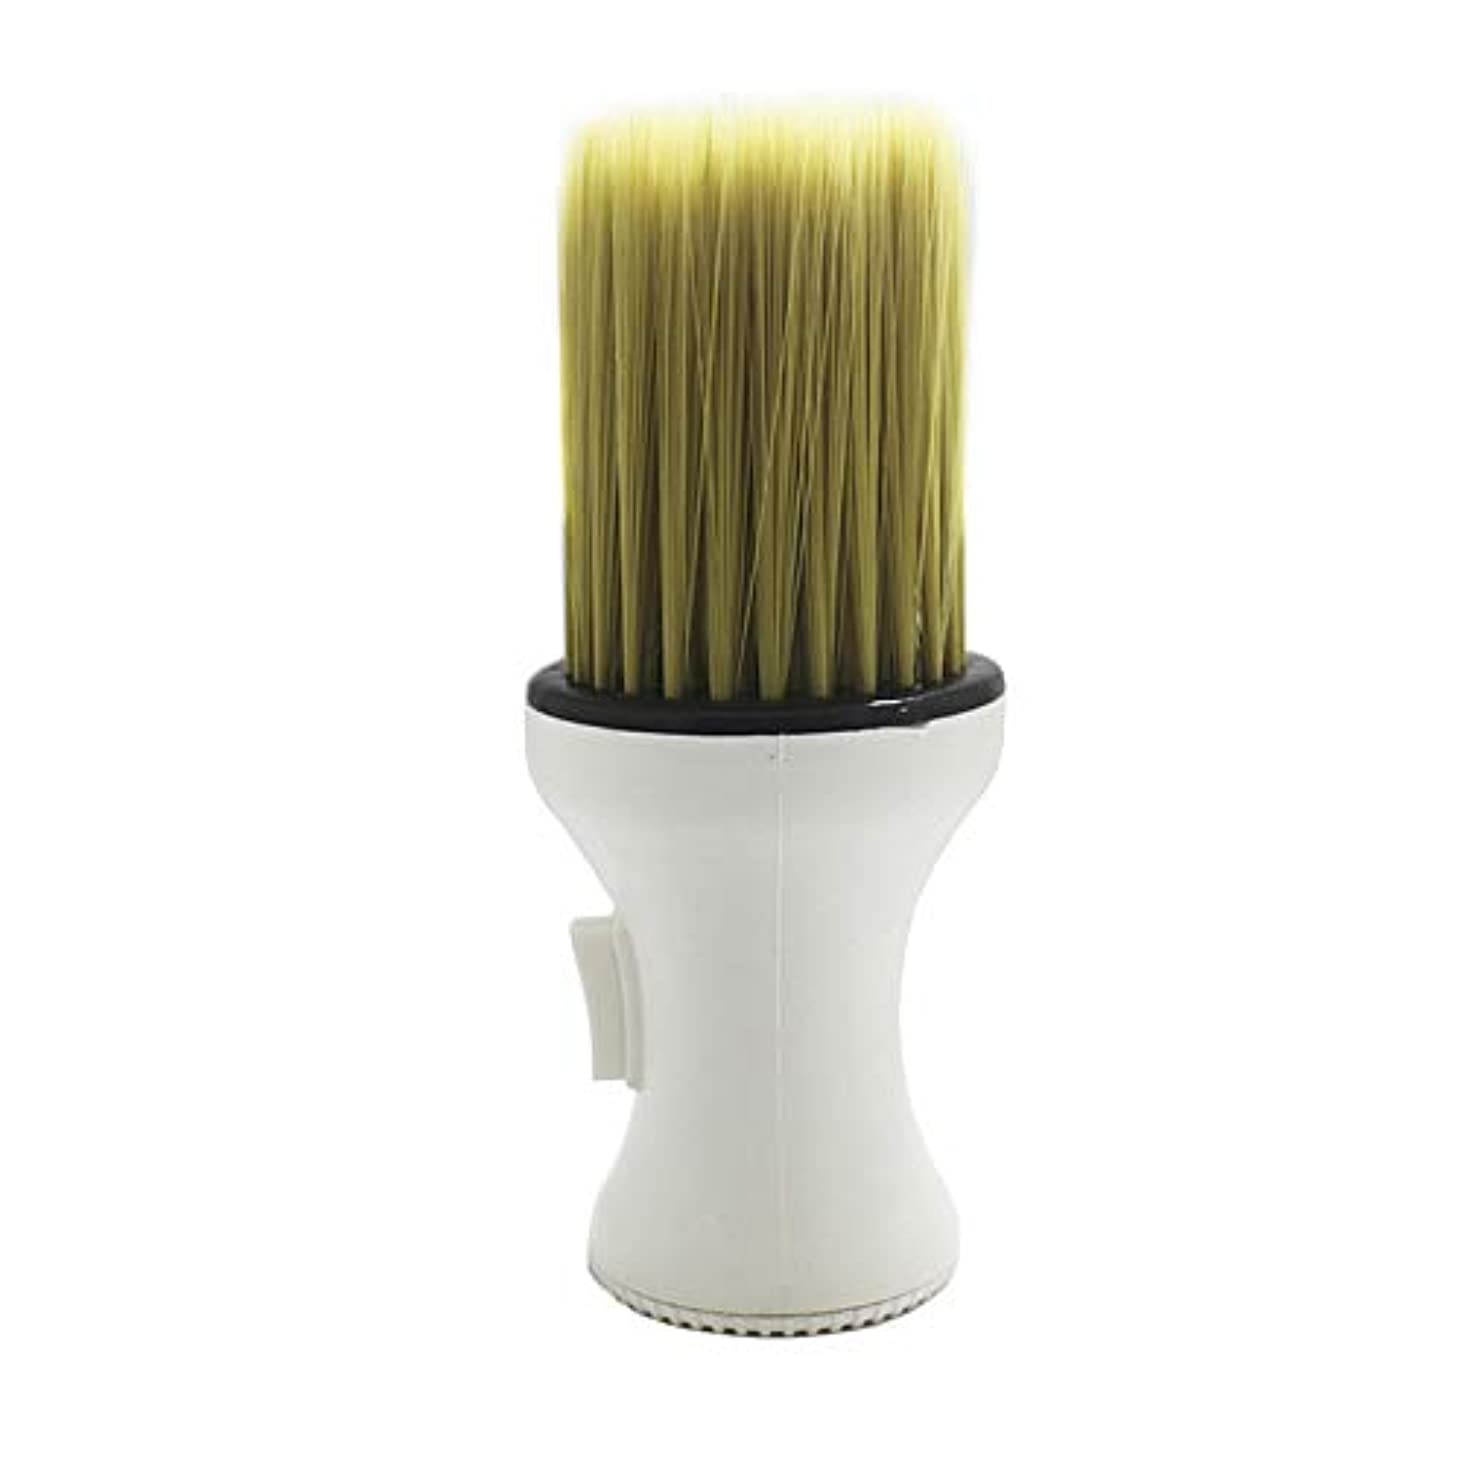 毒十分ではない半径1st market プレミアム品質ネックダスターブラシホワイトソフトブラシ理髪師理髪ヘアサロンサロンスタイリストクリーニングブラシ